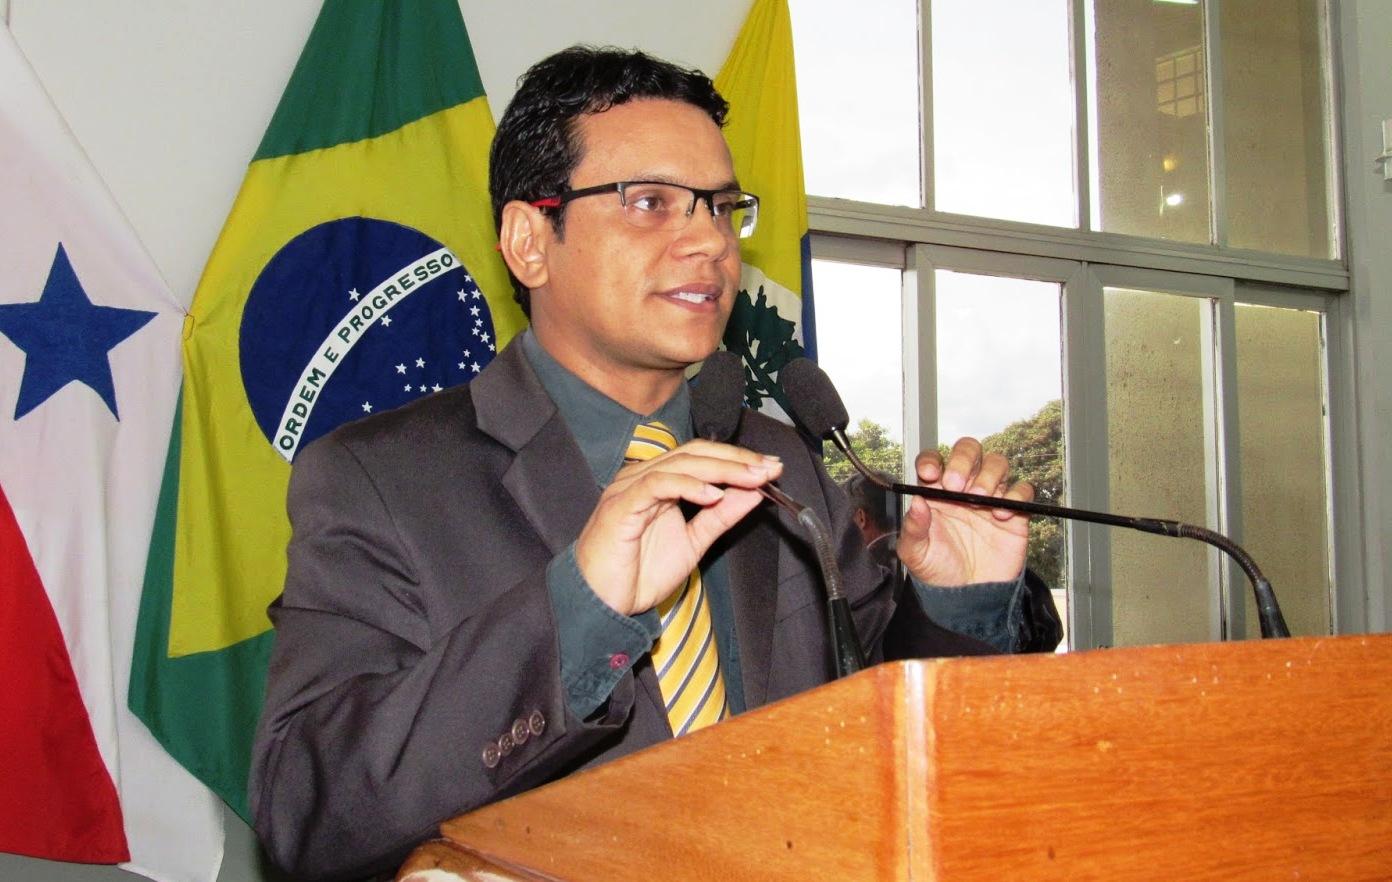 Blog cipoalense divulga fake news sobre vereador do PV. 'A matéria não expõe a verdade'